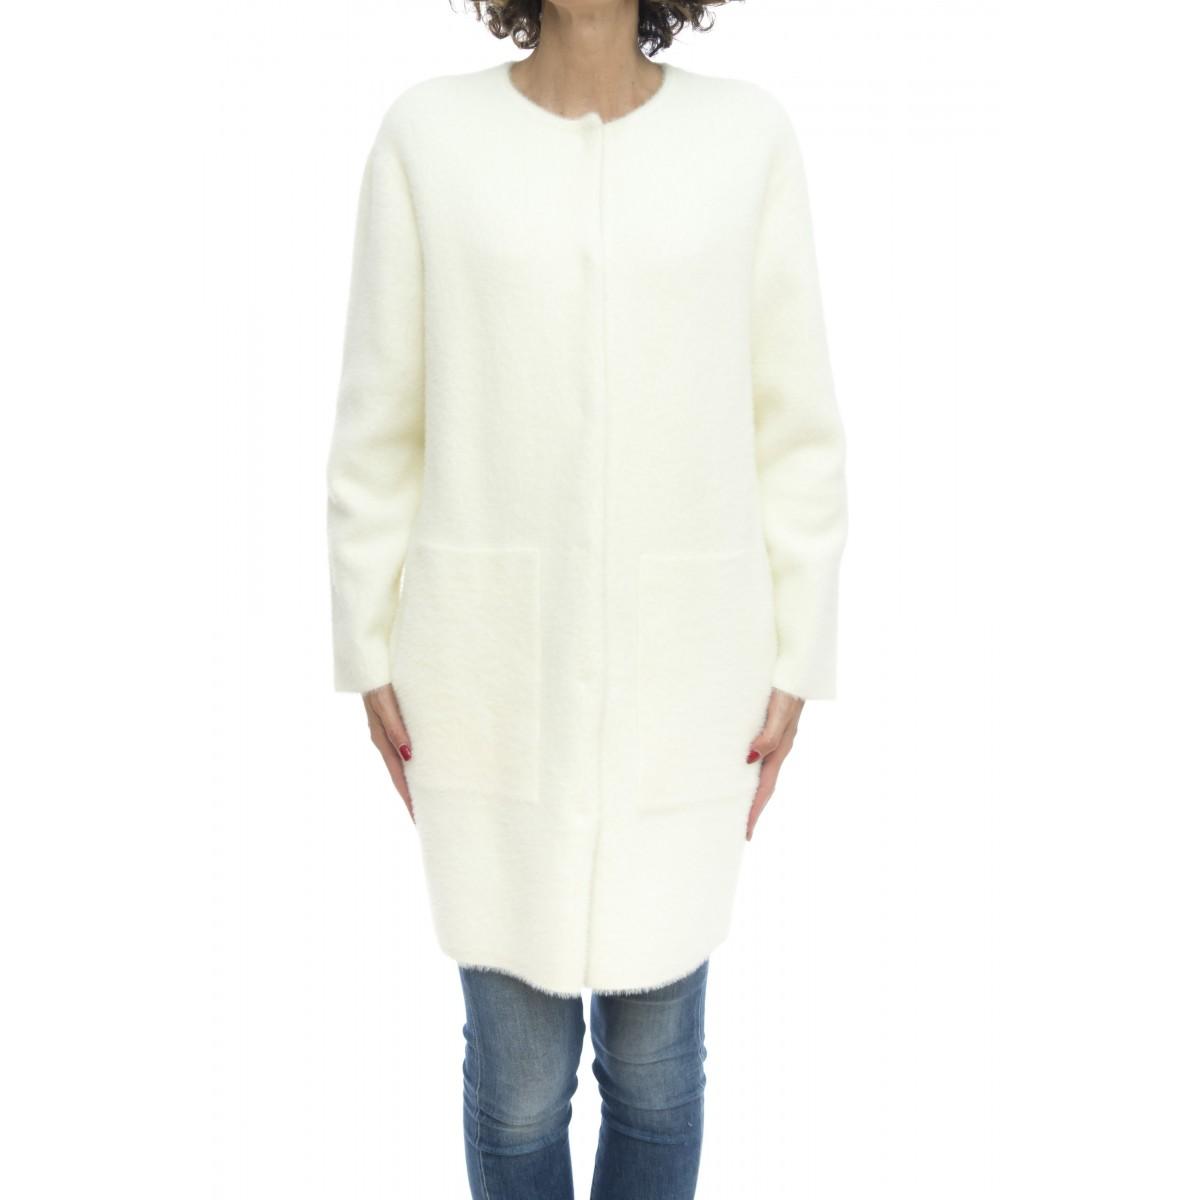 Cappotto - Tt3013 cappotto punto pelliccia